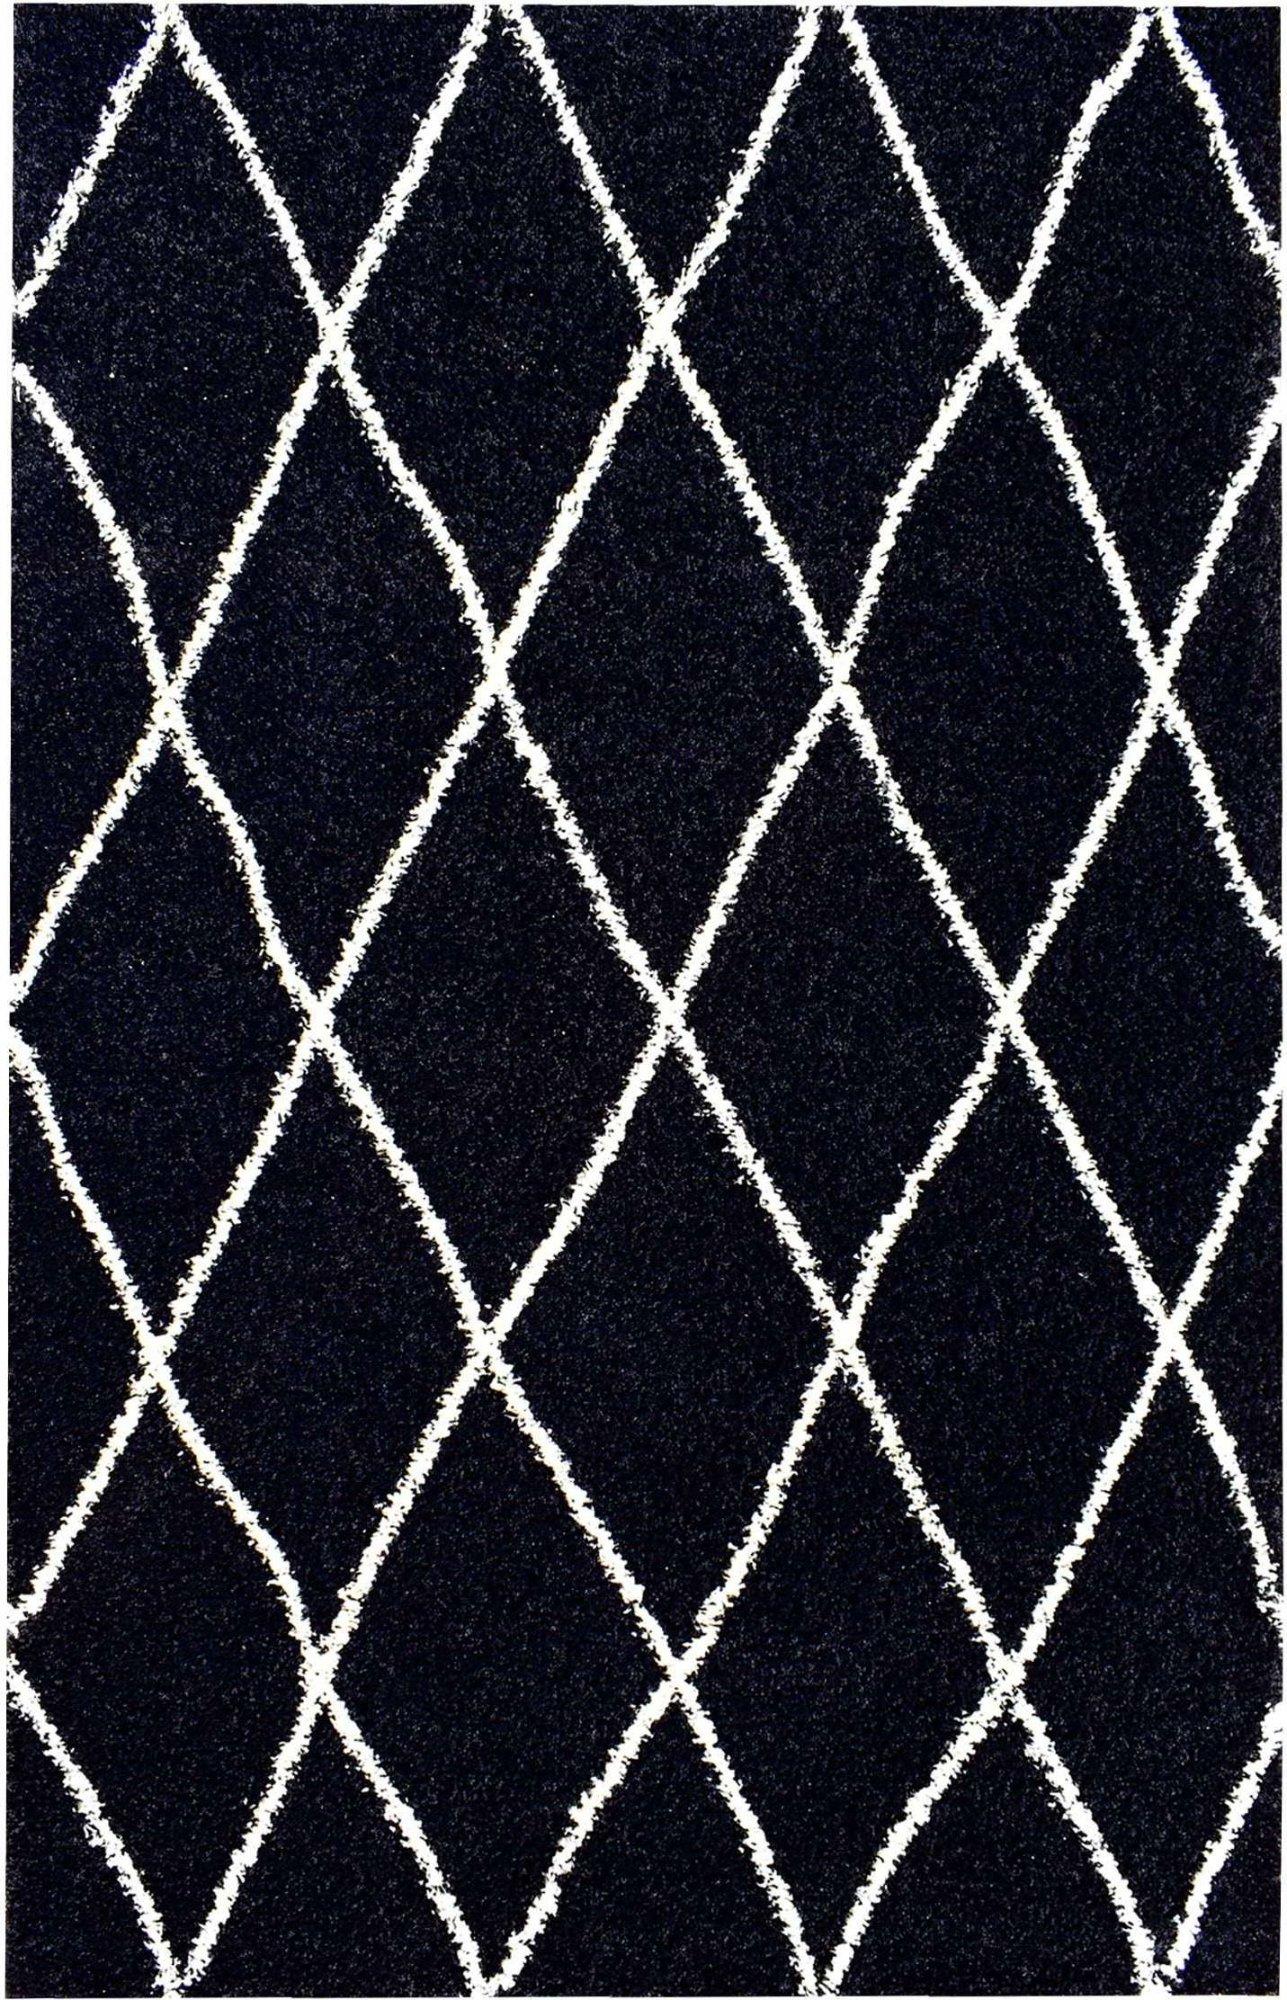 Tapis shaggy polypropylène noir 200x280